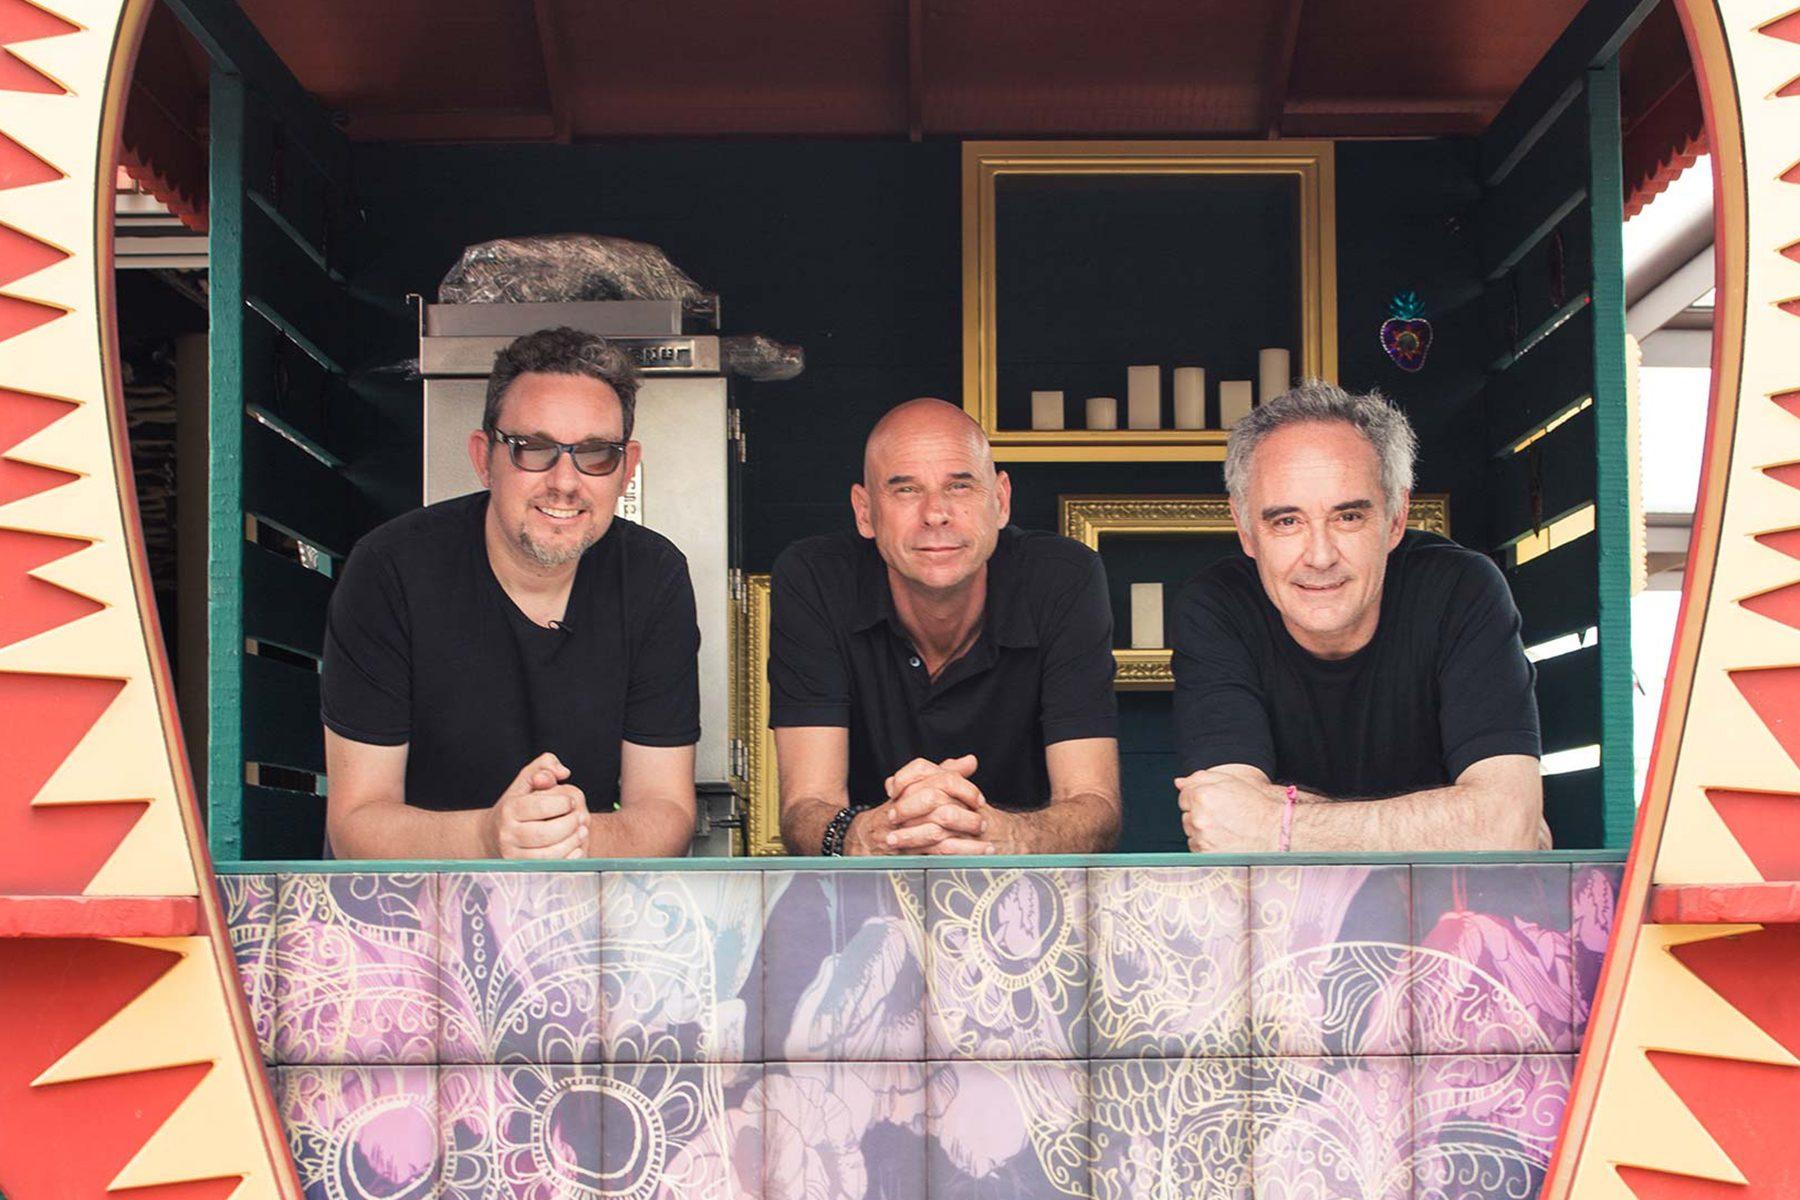 Albert Adrià, Guy Laliberté and Ferran Adrià